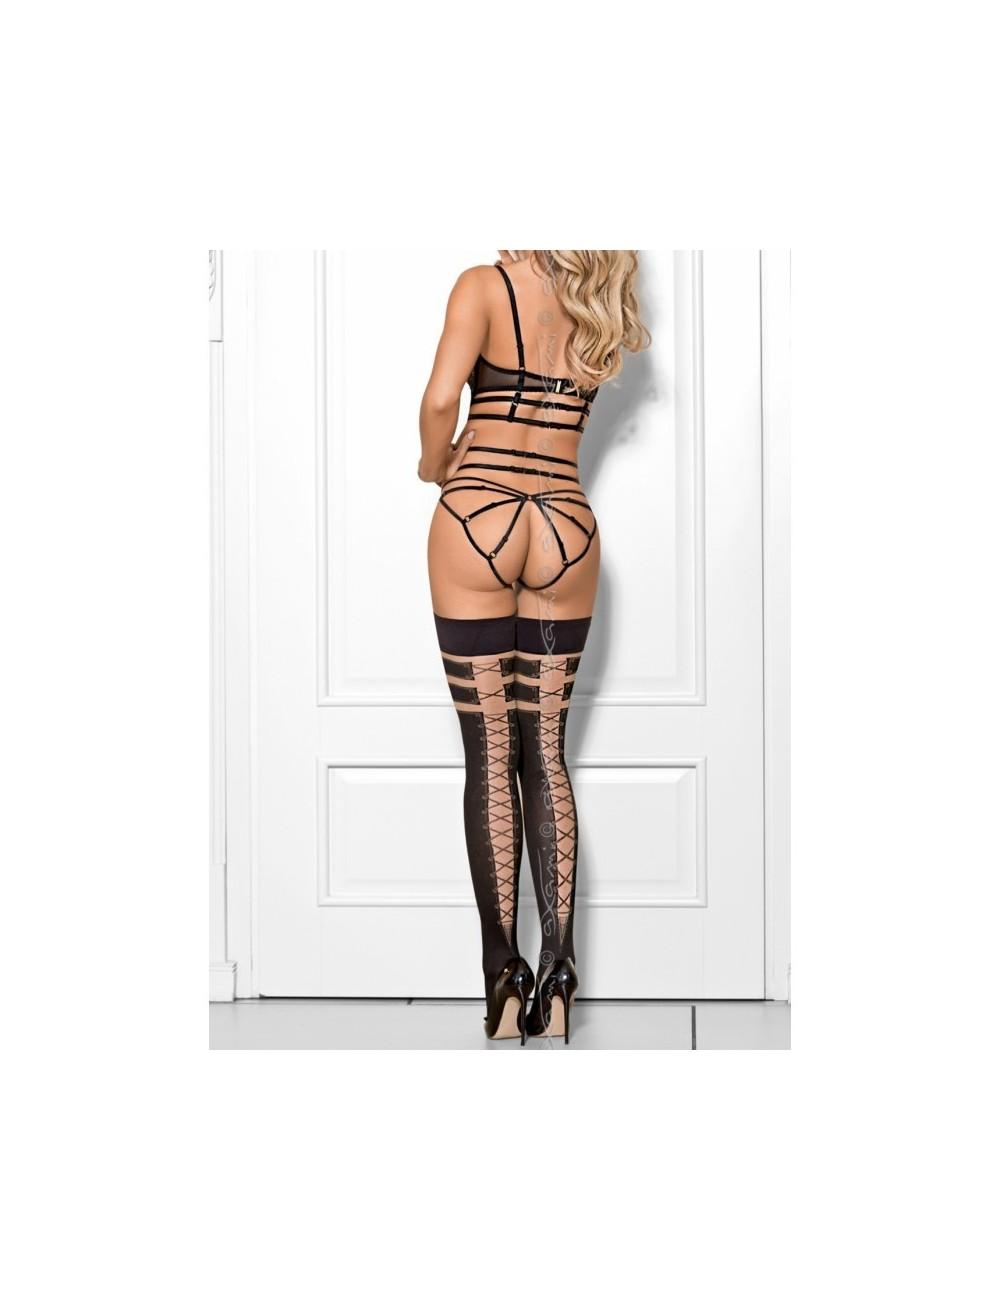 Lingerie - Bas - Bas noire opaque avec effet laçage façon corset Churro con nutella V-7684 - Axami